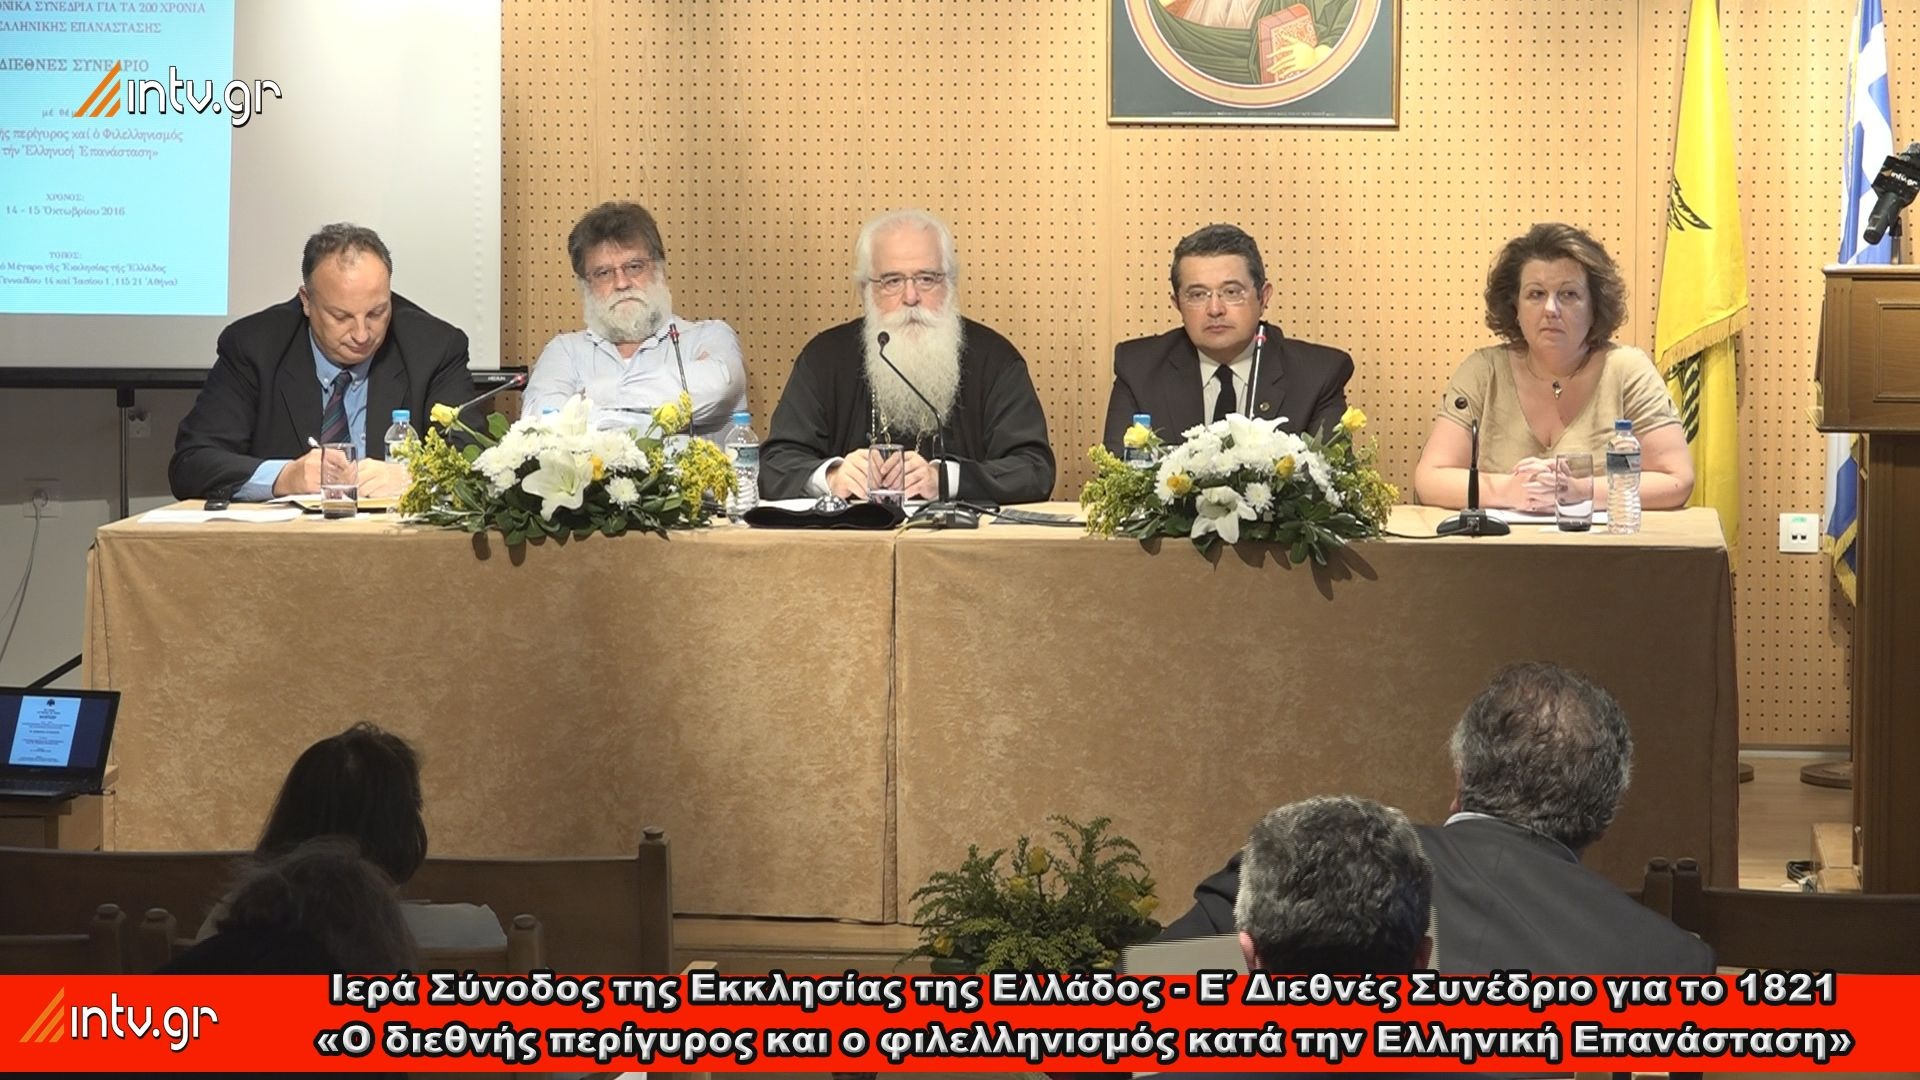 Ιερά Σύνοδος της Εκκλησίας της Ελλάδος - Ε΄ Διεθνές Συνέδριο για το 1821 «Ο διεθνής περίγυρος και ο φιλελληνισμός κατά την Ελληνική Επανάσταση»